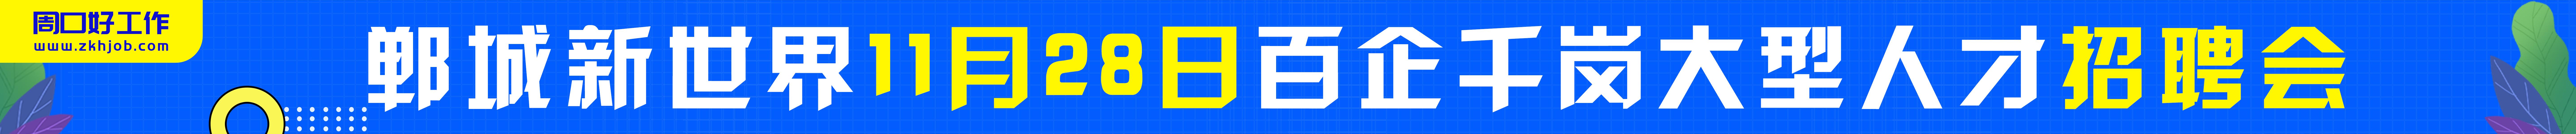 郸城11月28日方远新世界大型冬季招聘会来袭!100多家企业1000多个岗位在这等你